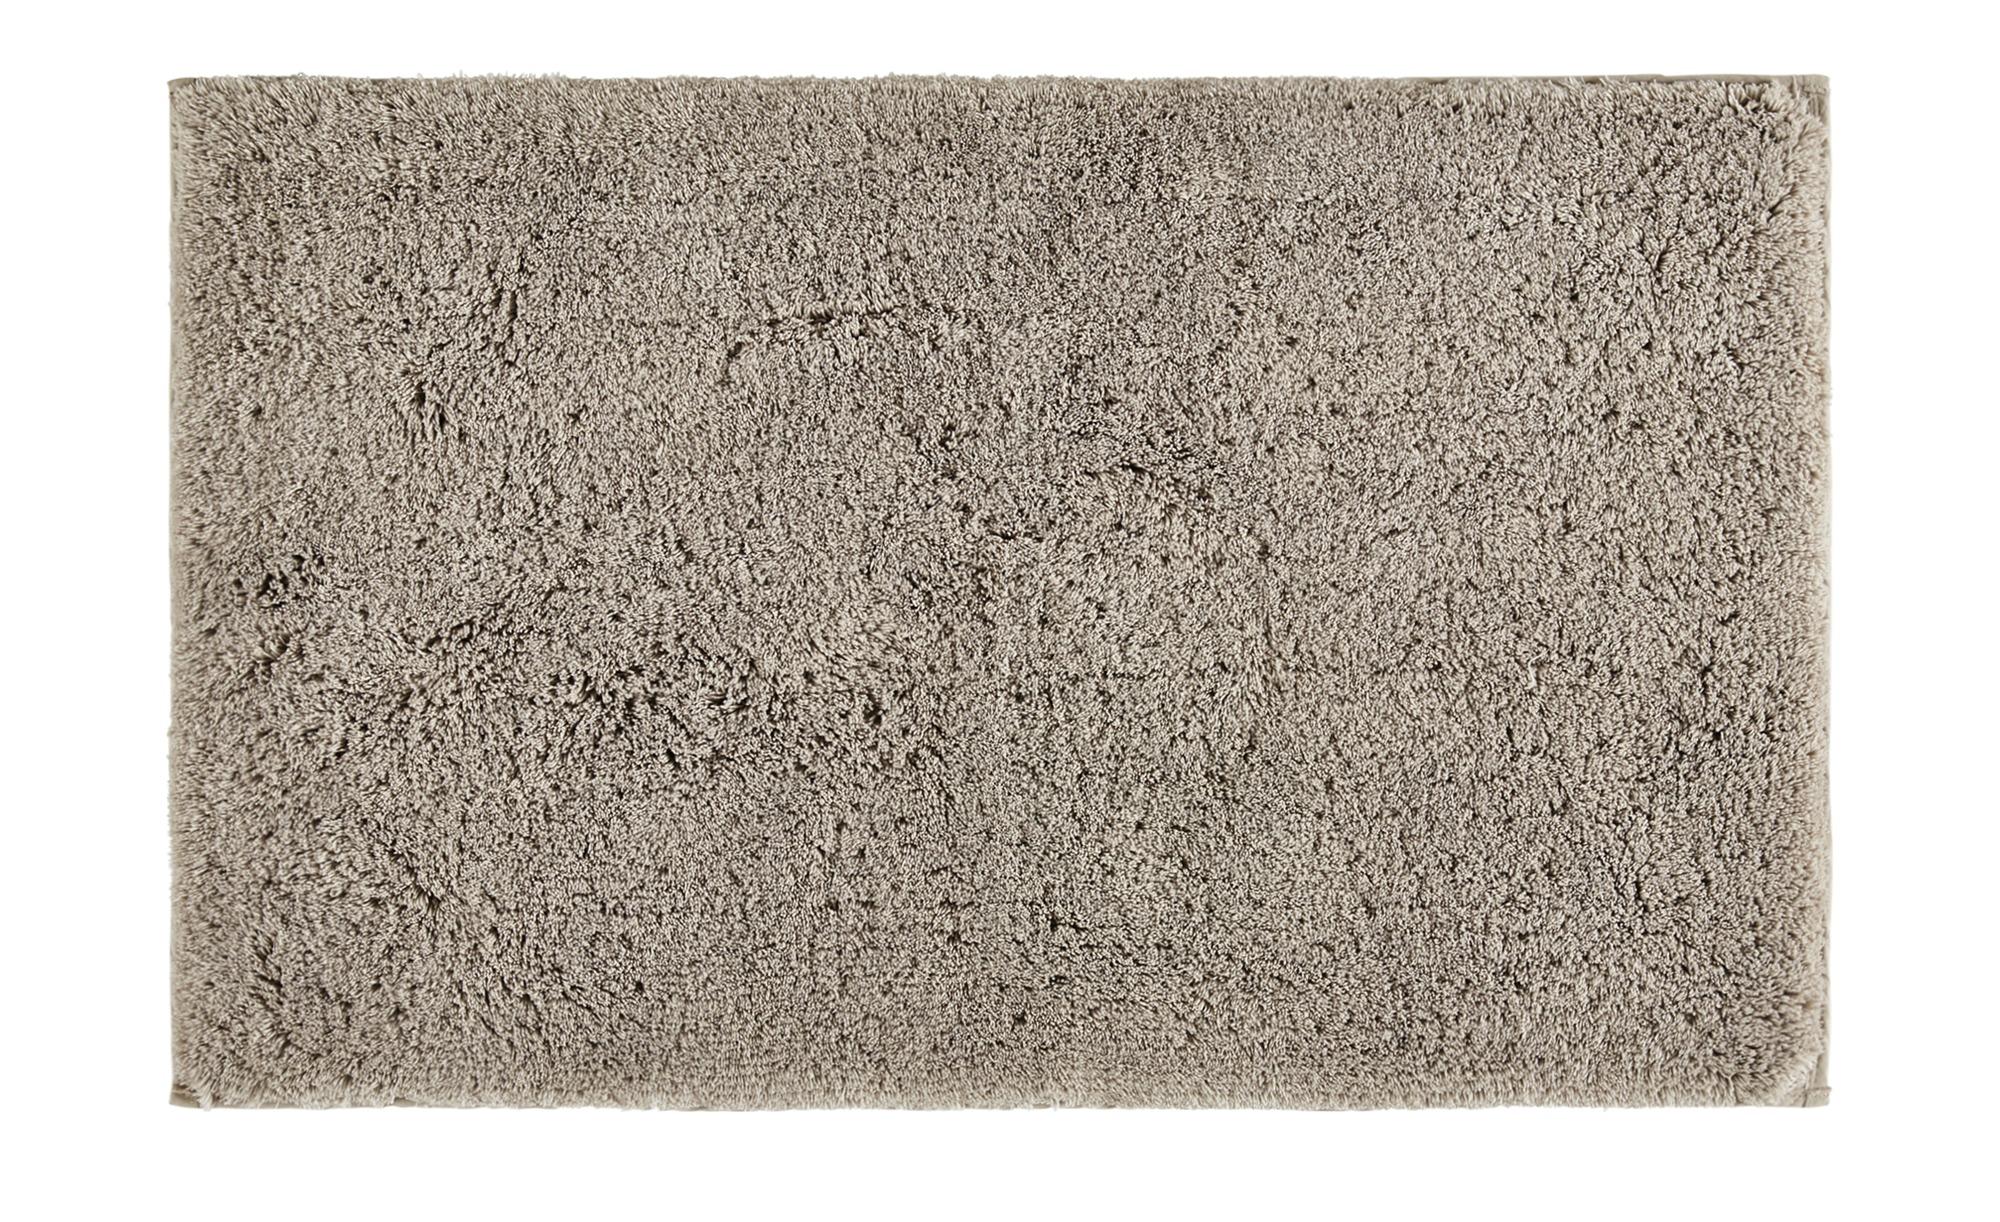 Badteppich  Wölkchen ¦ beige ¦ reine Baumwolle ¦ Maße (cm): B: 60 Badtextilien und Zubehör > Badematten & Badvorleger - Höffner